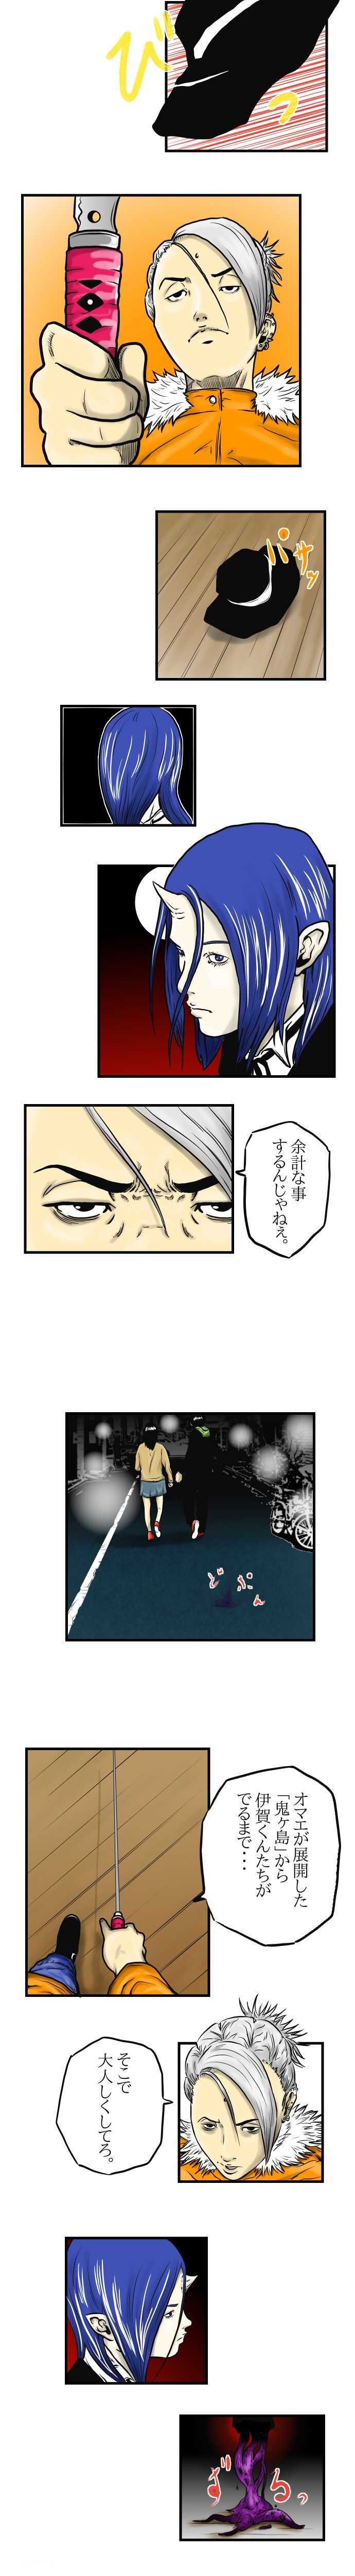 覚醒ノ章 寝耳に鬼。参